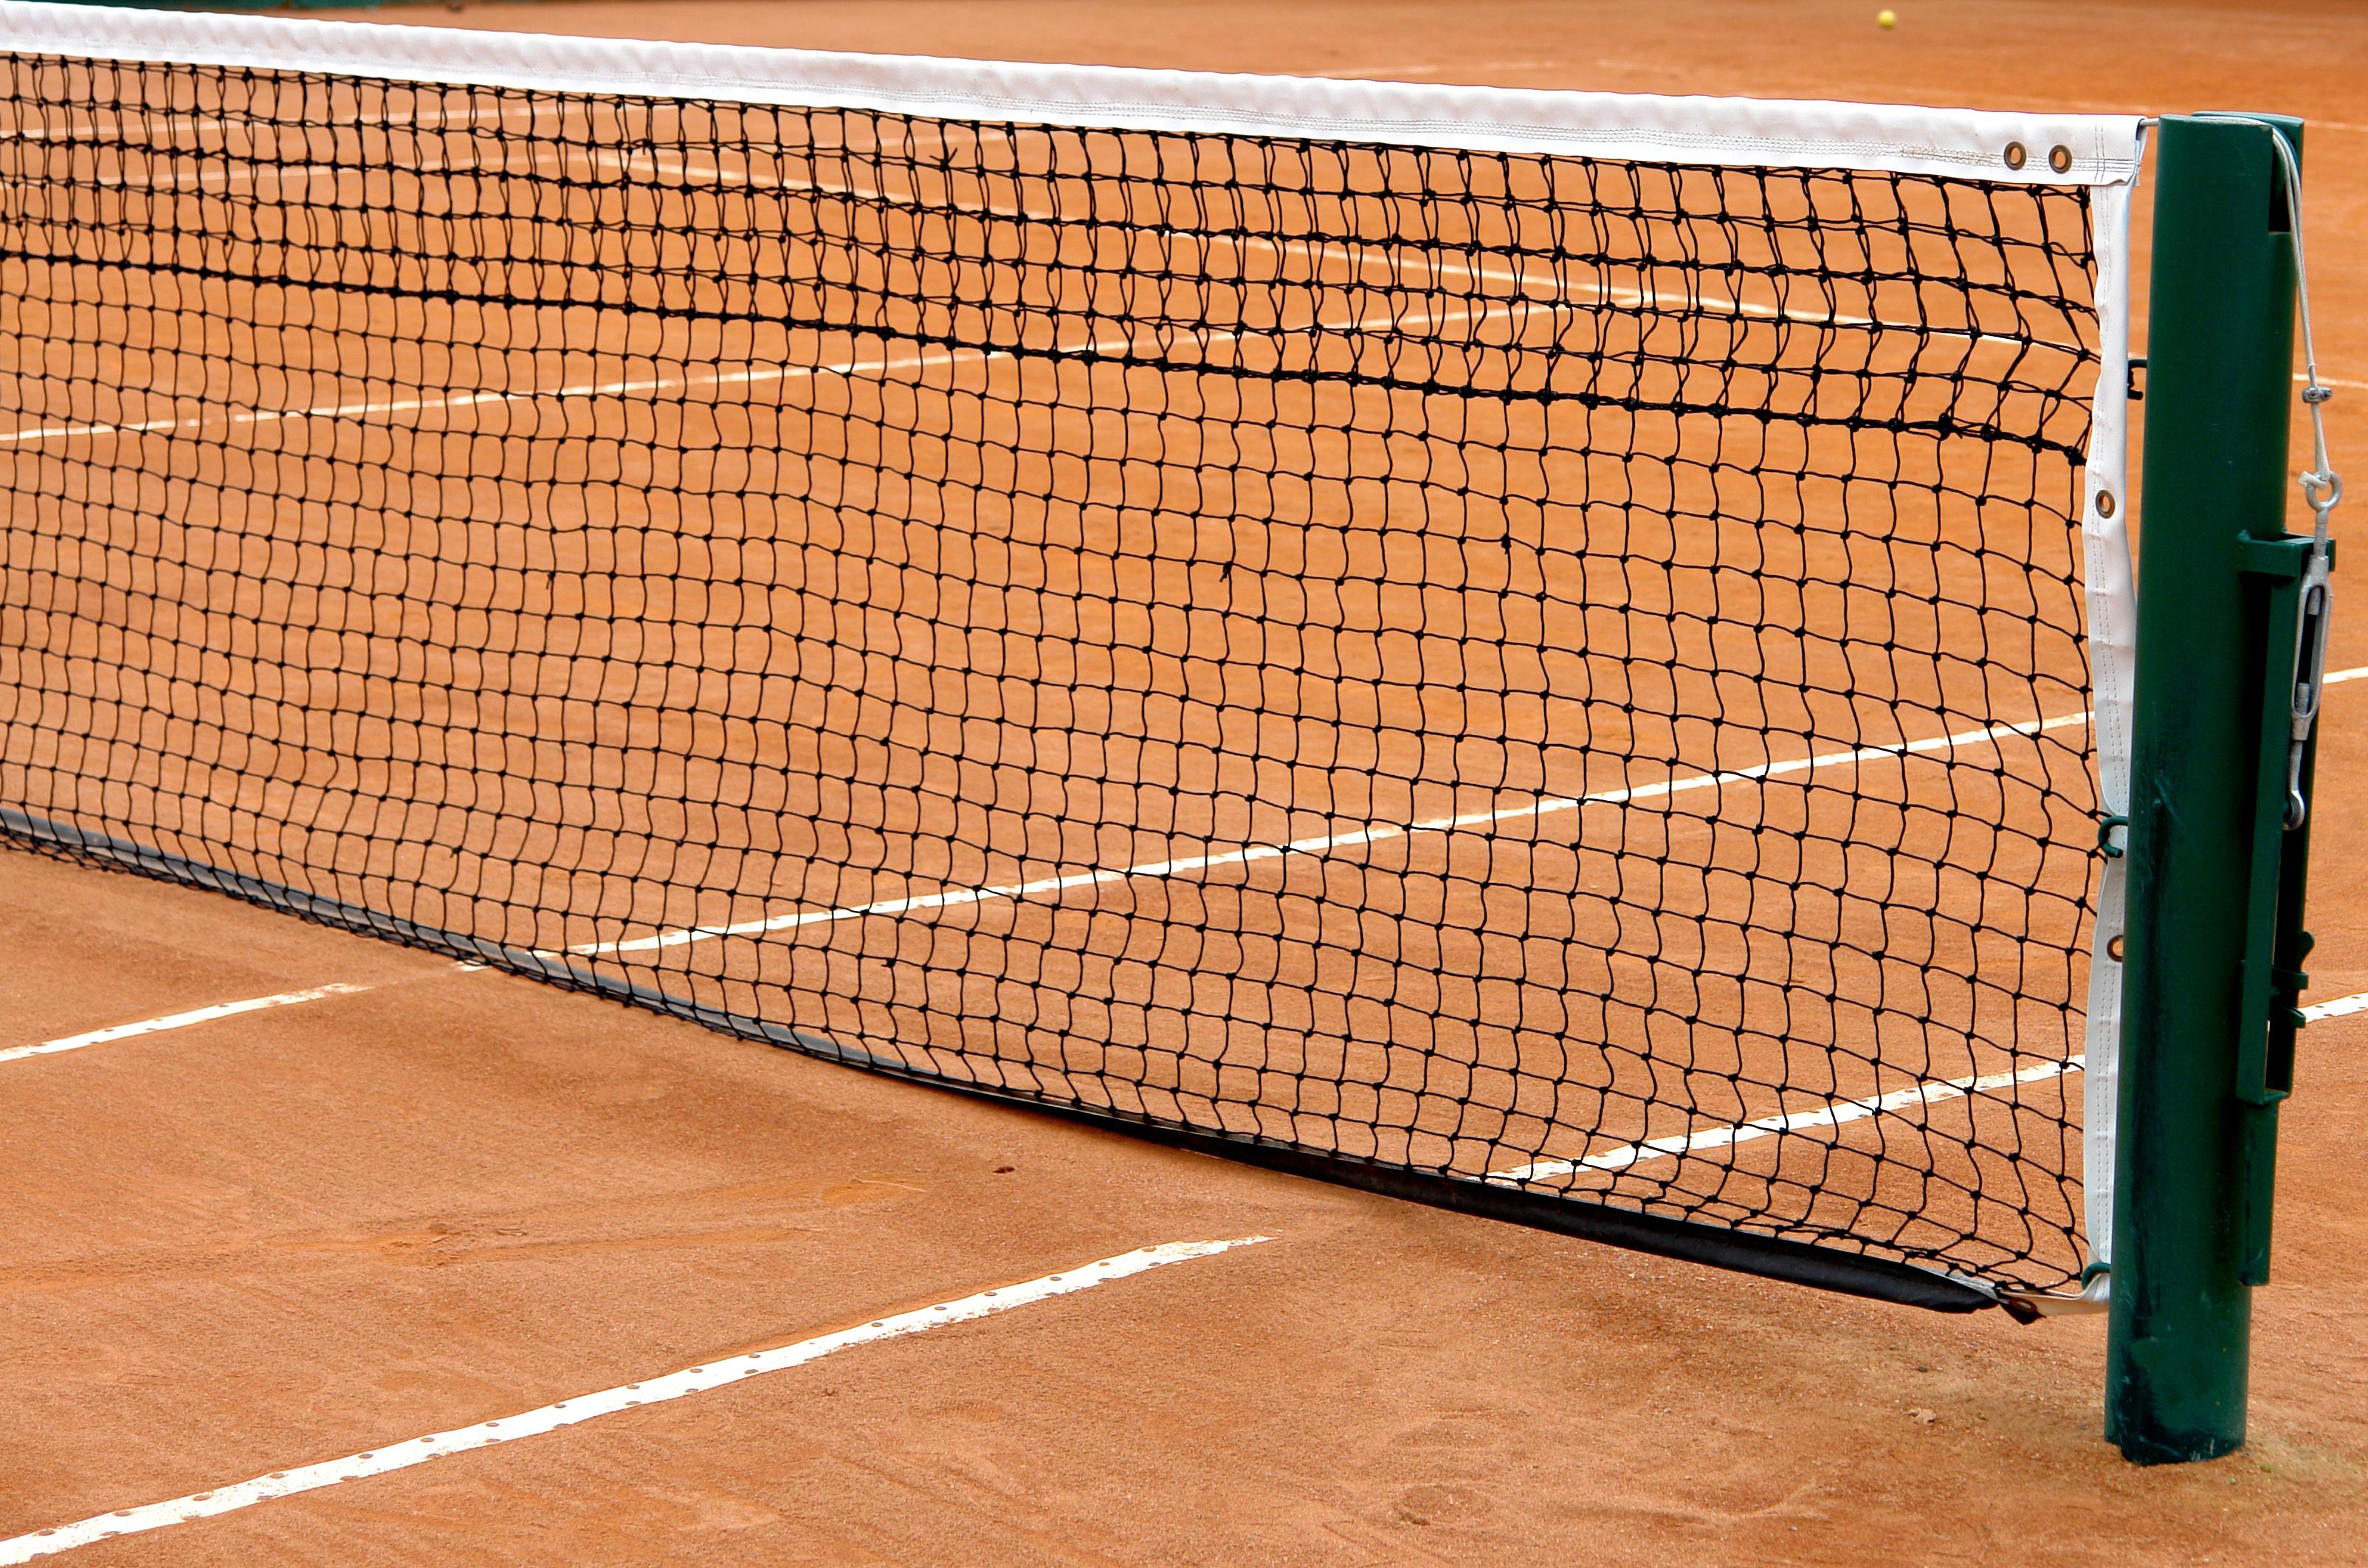 Jak przygotować organizm do gry w tenisa?